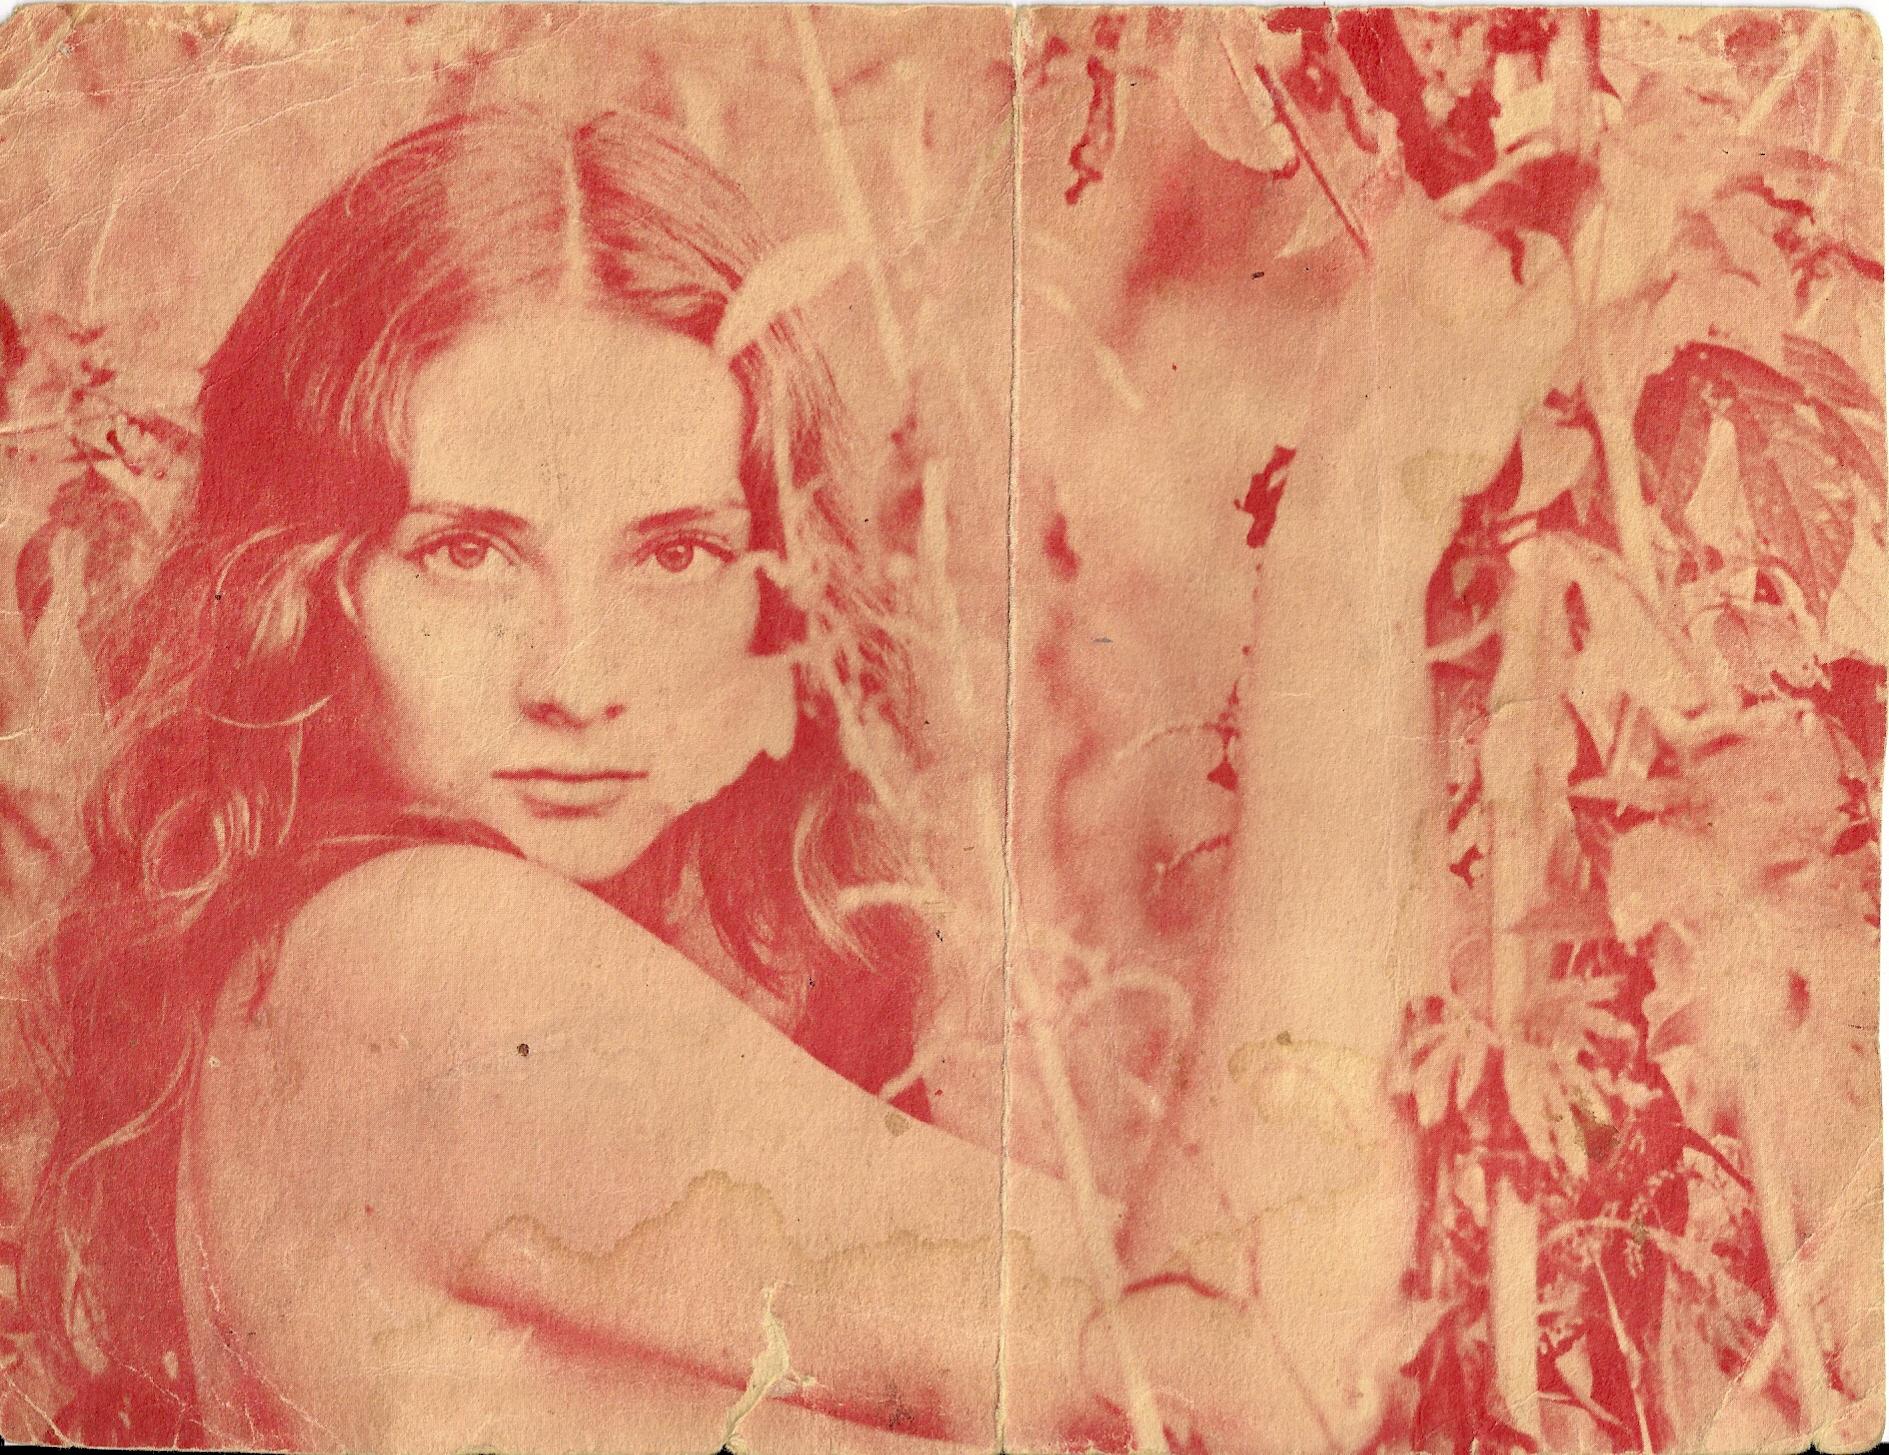 Nancy Dussault picture